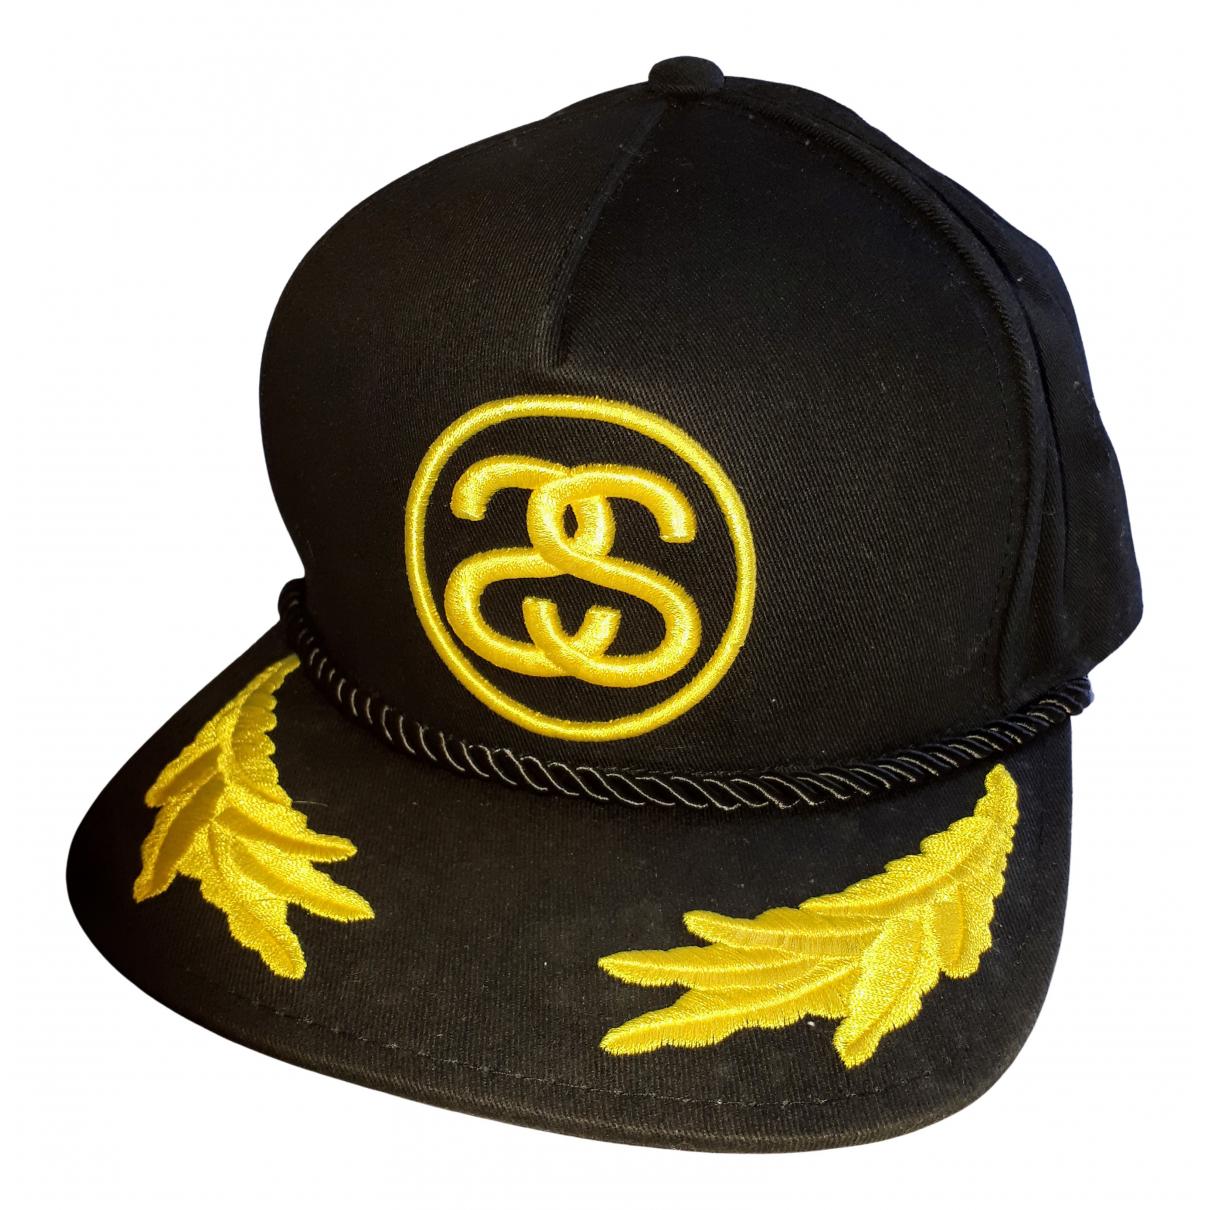 Stussy \N Black Cotton hat & pull on hat for Men 58 cm